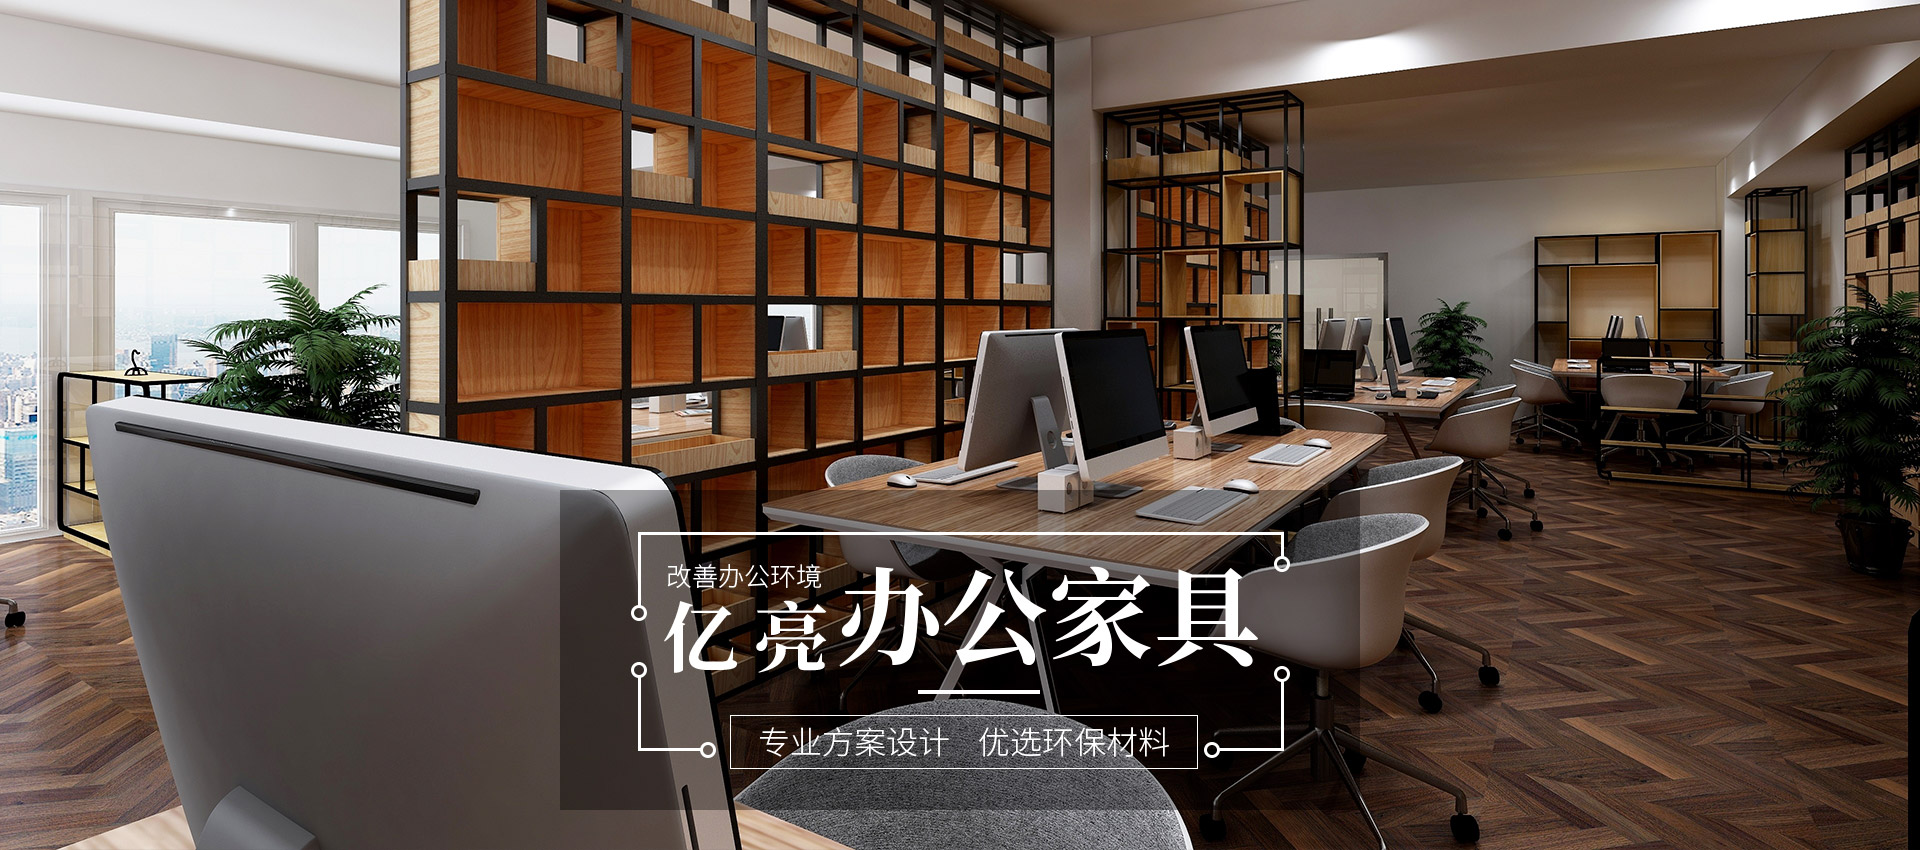 重庆办公桌定制